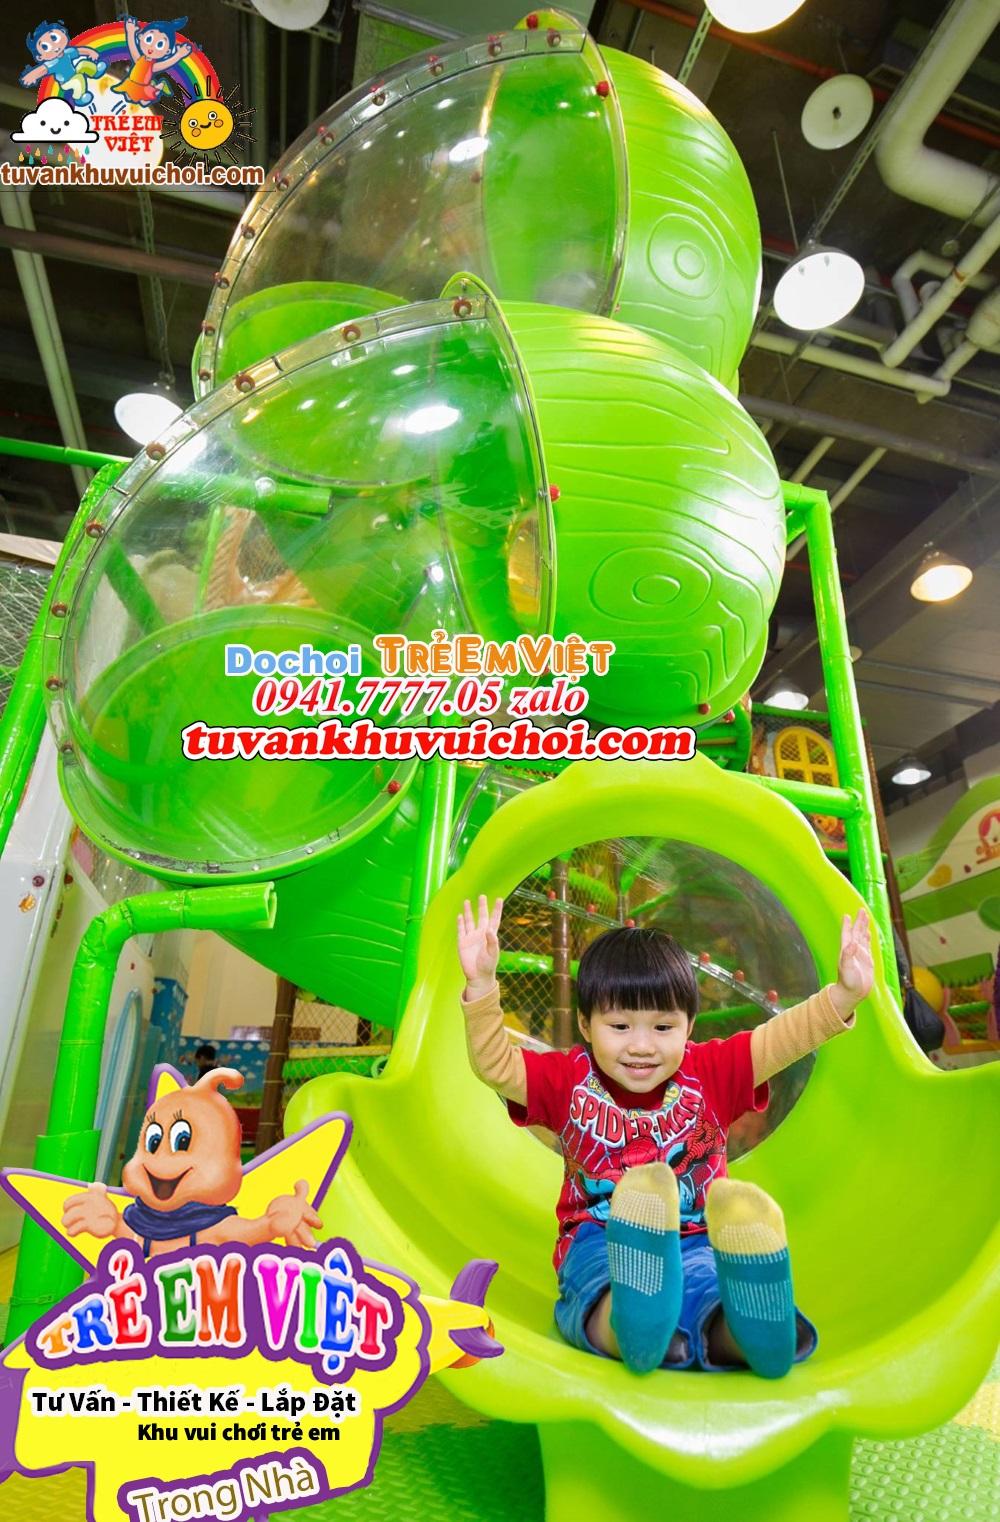 chiến lược kinh doanh khu vui chơi trẻ em